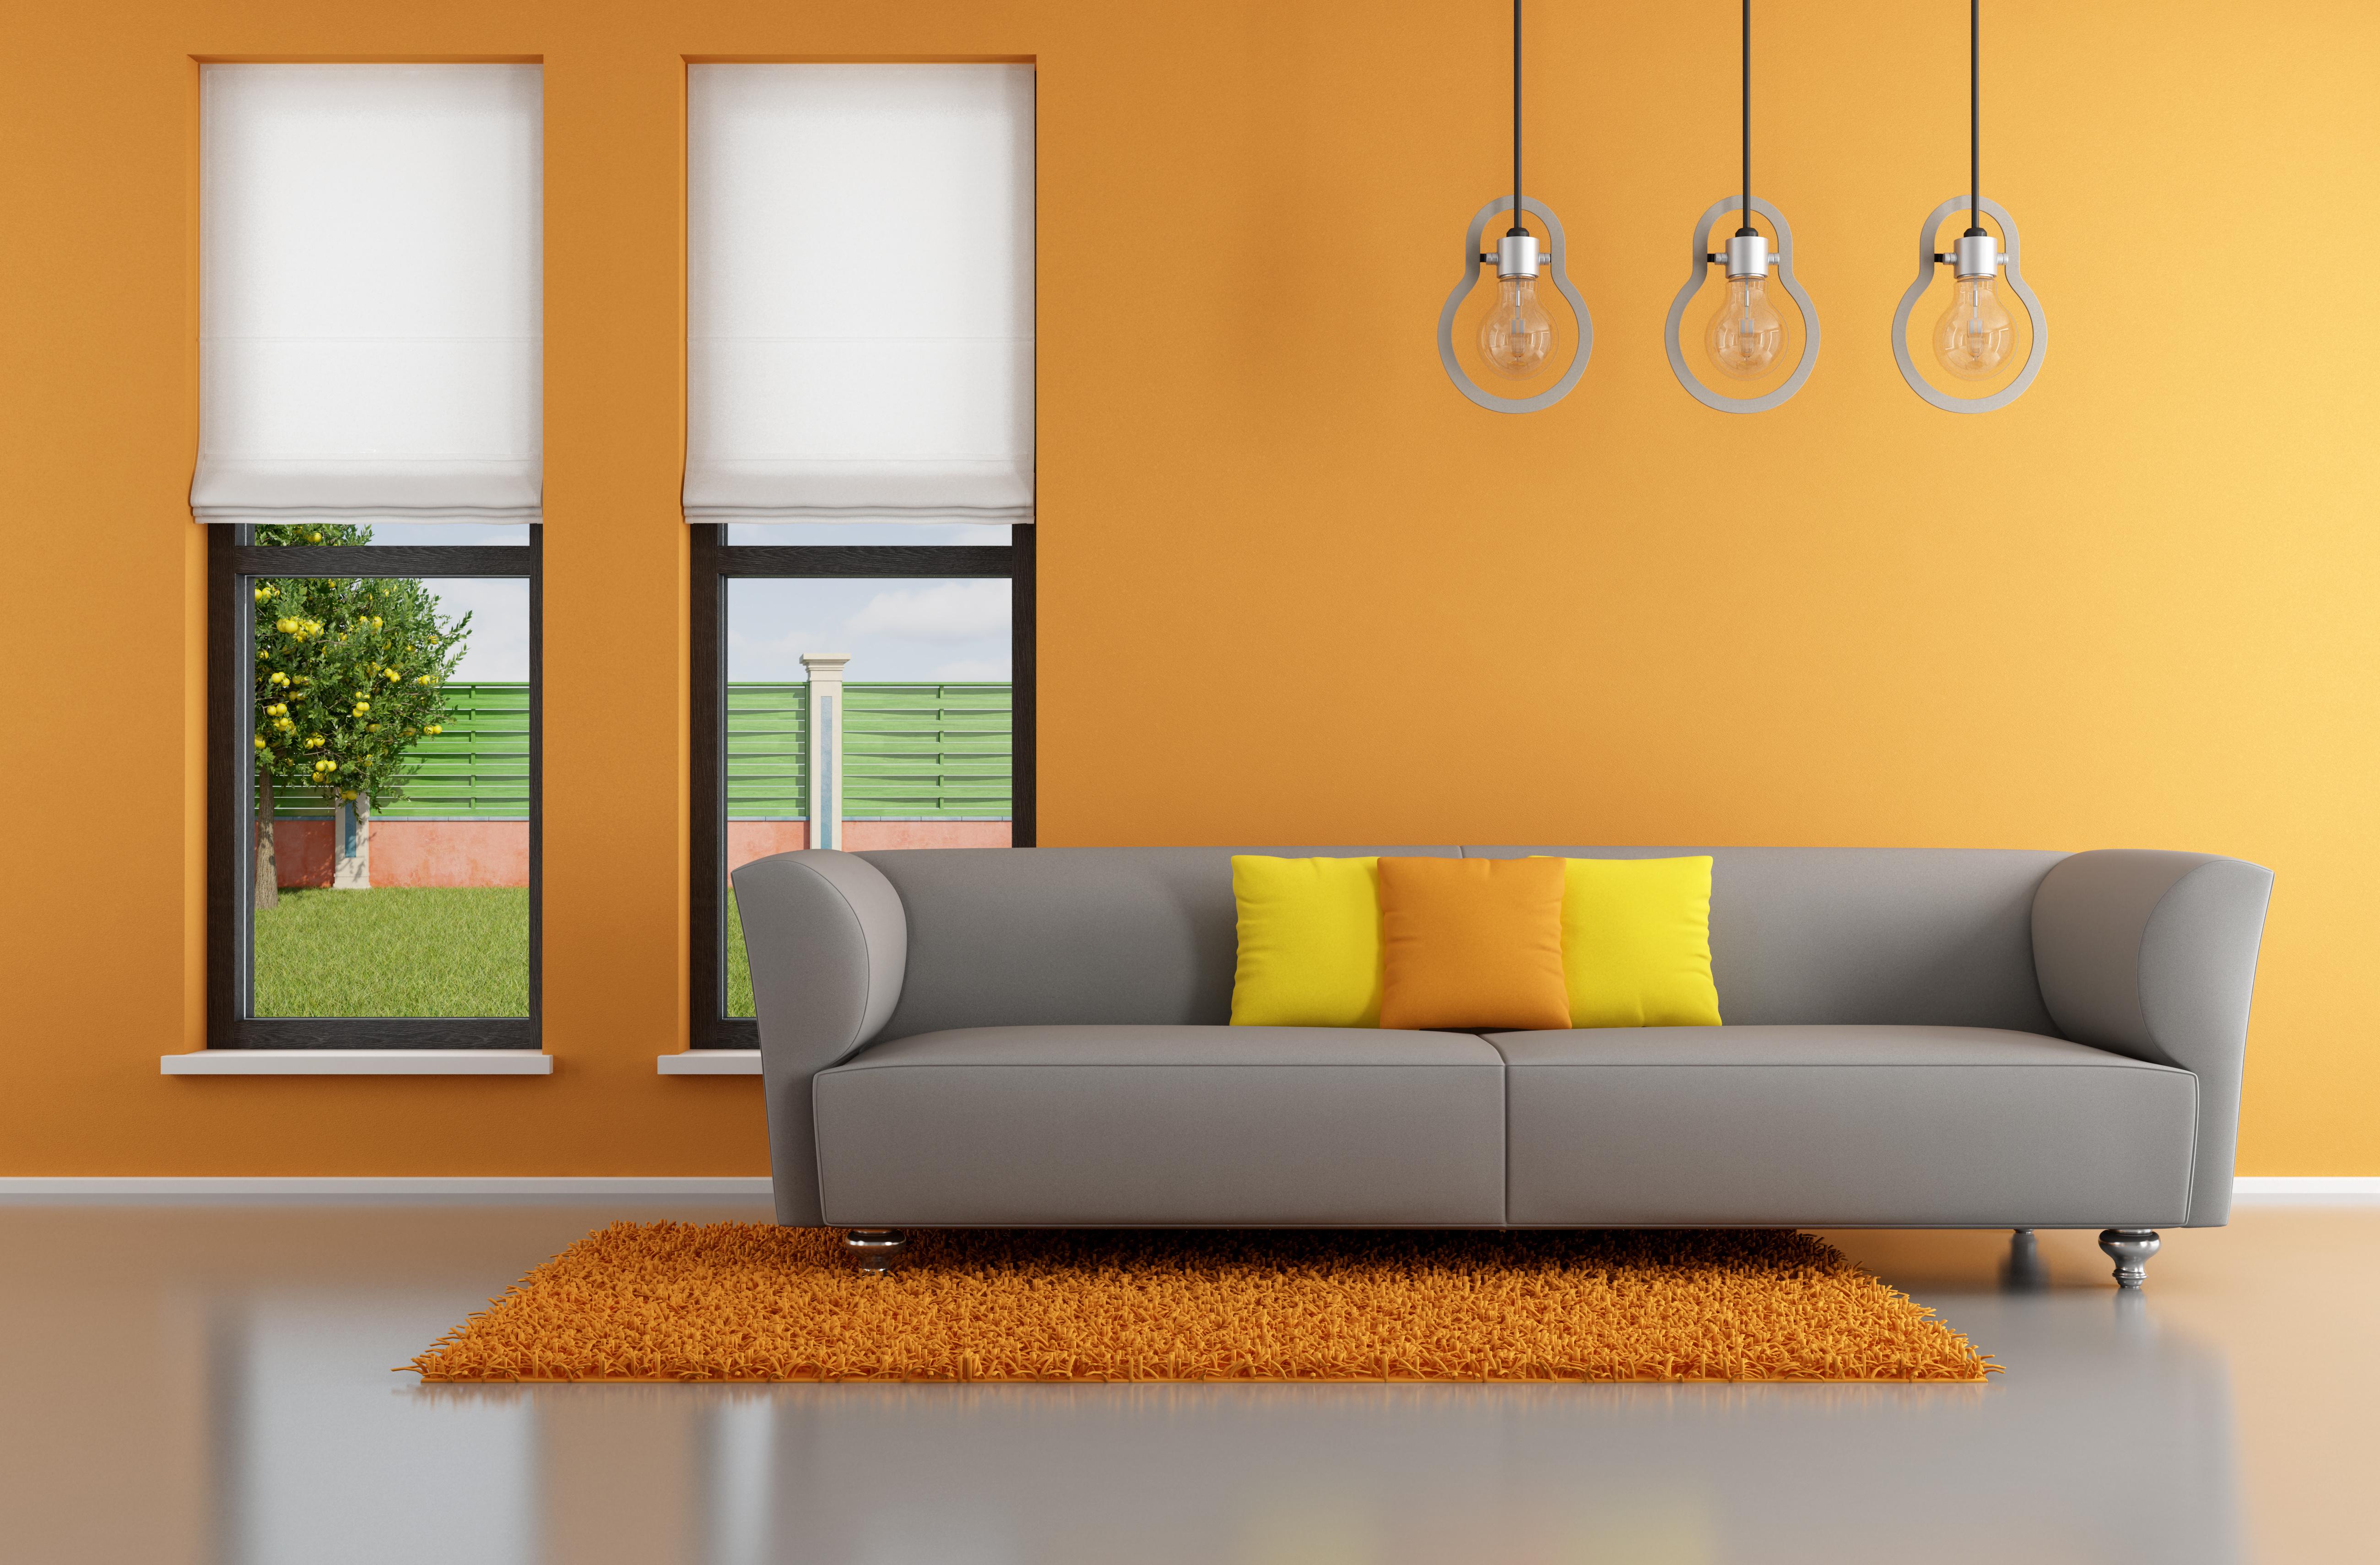 Naranja energético - njeroomah.xyz